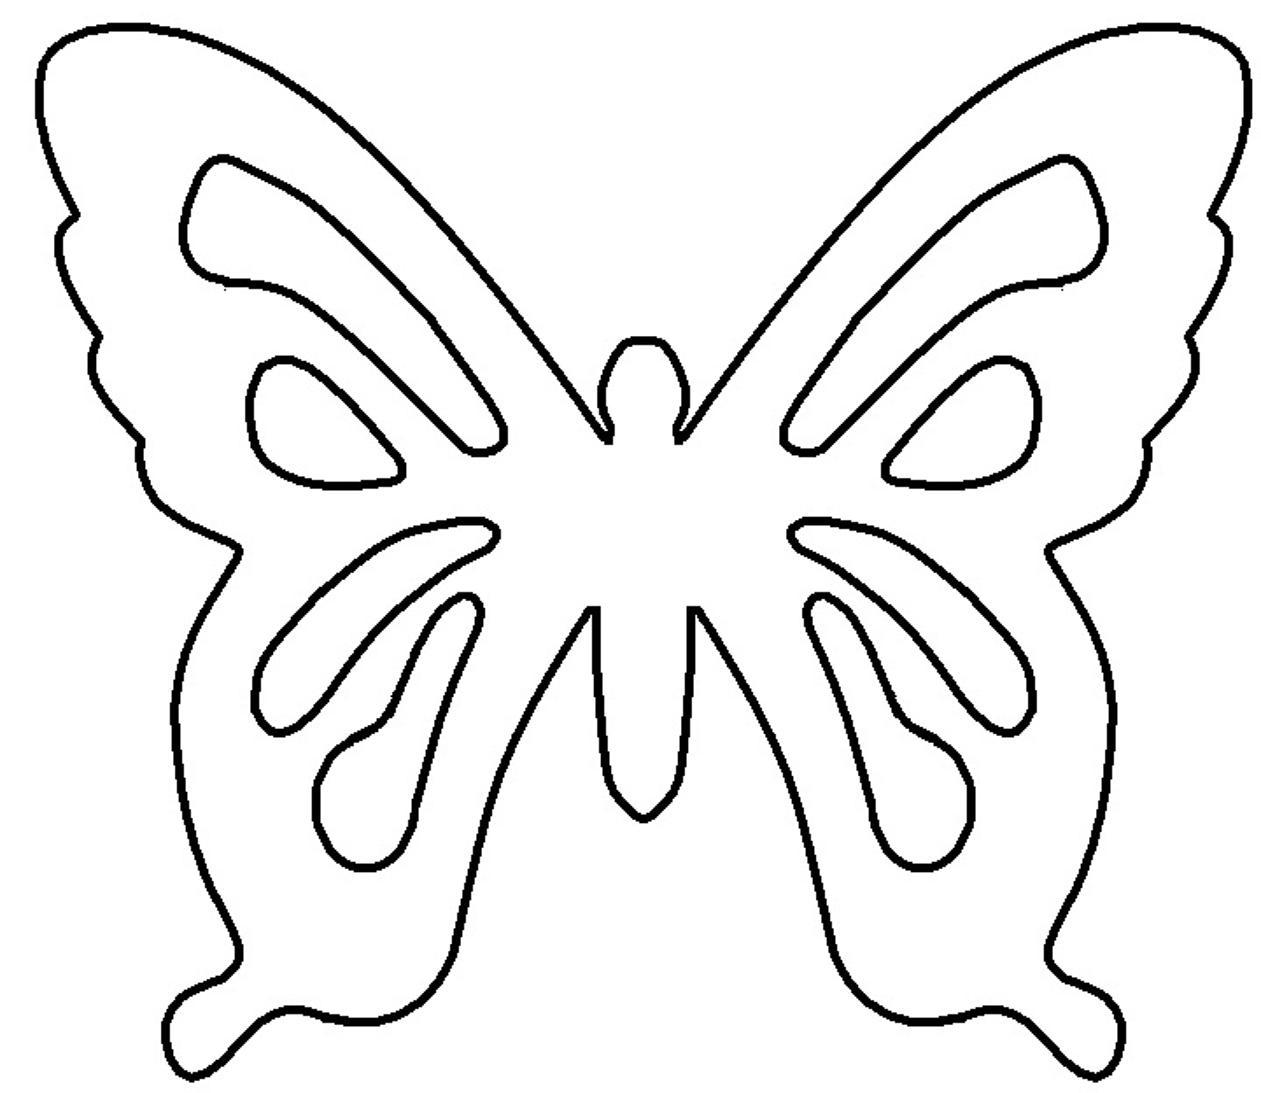 Розмальовки метелики вирізати з паперу метелик викрійка з паперу, для дитячої творчості